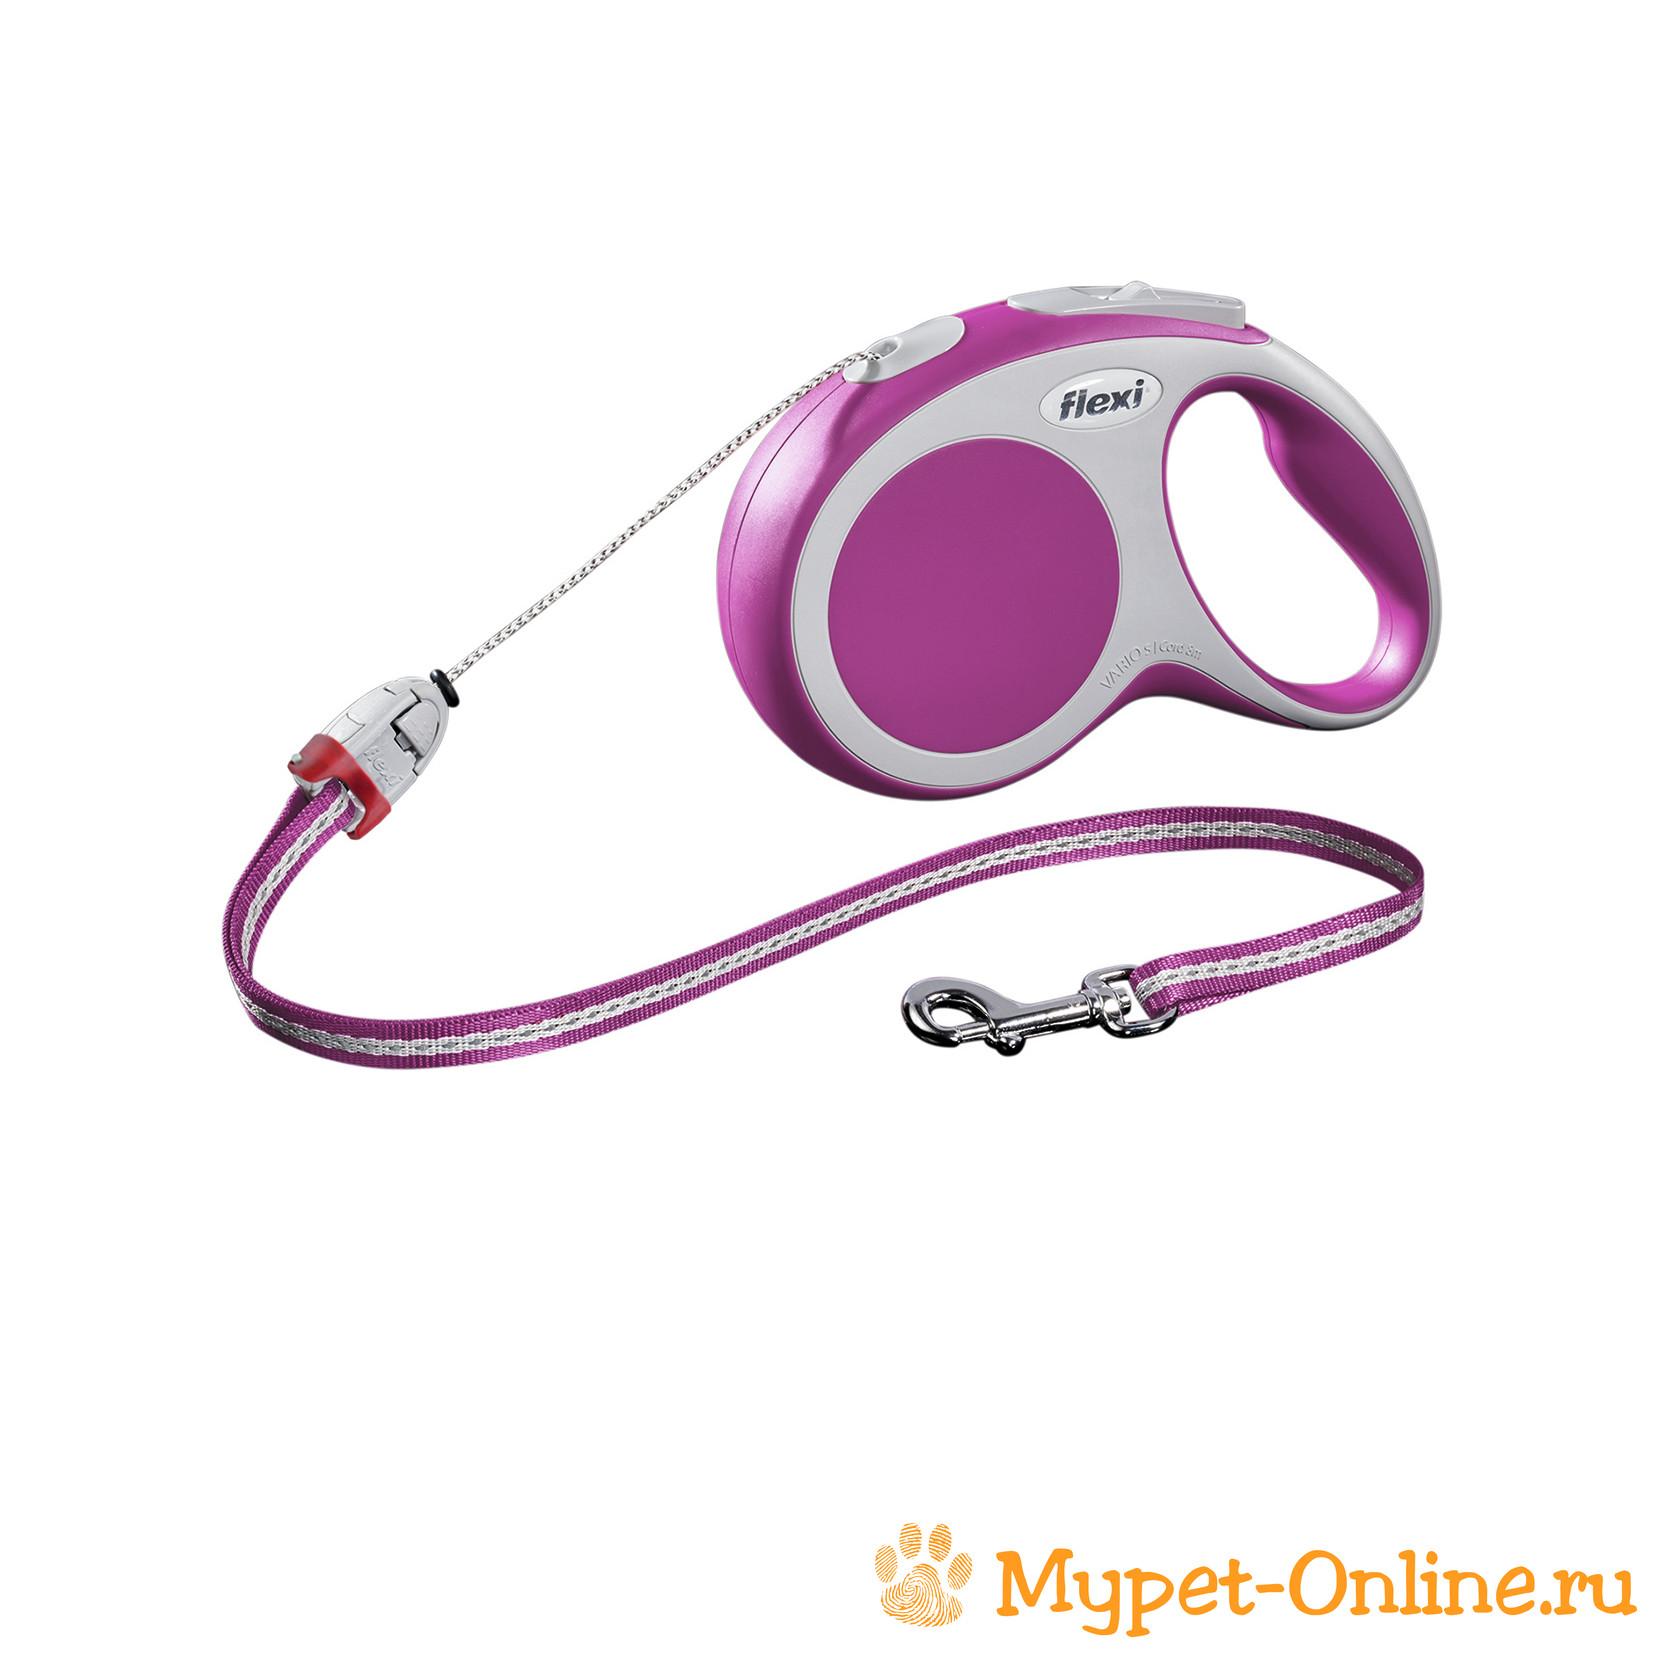 Flexi vario рулетка для собак магазин челси рулетка с диктофоном в челябинске